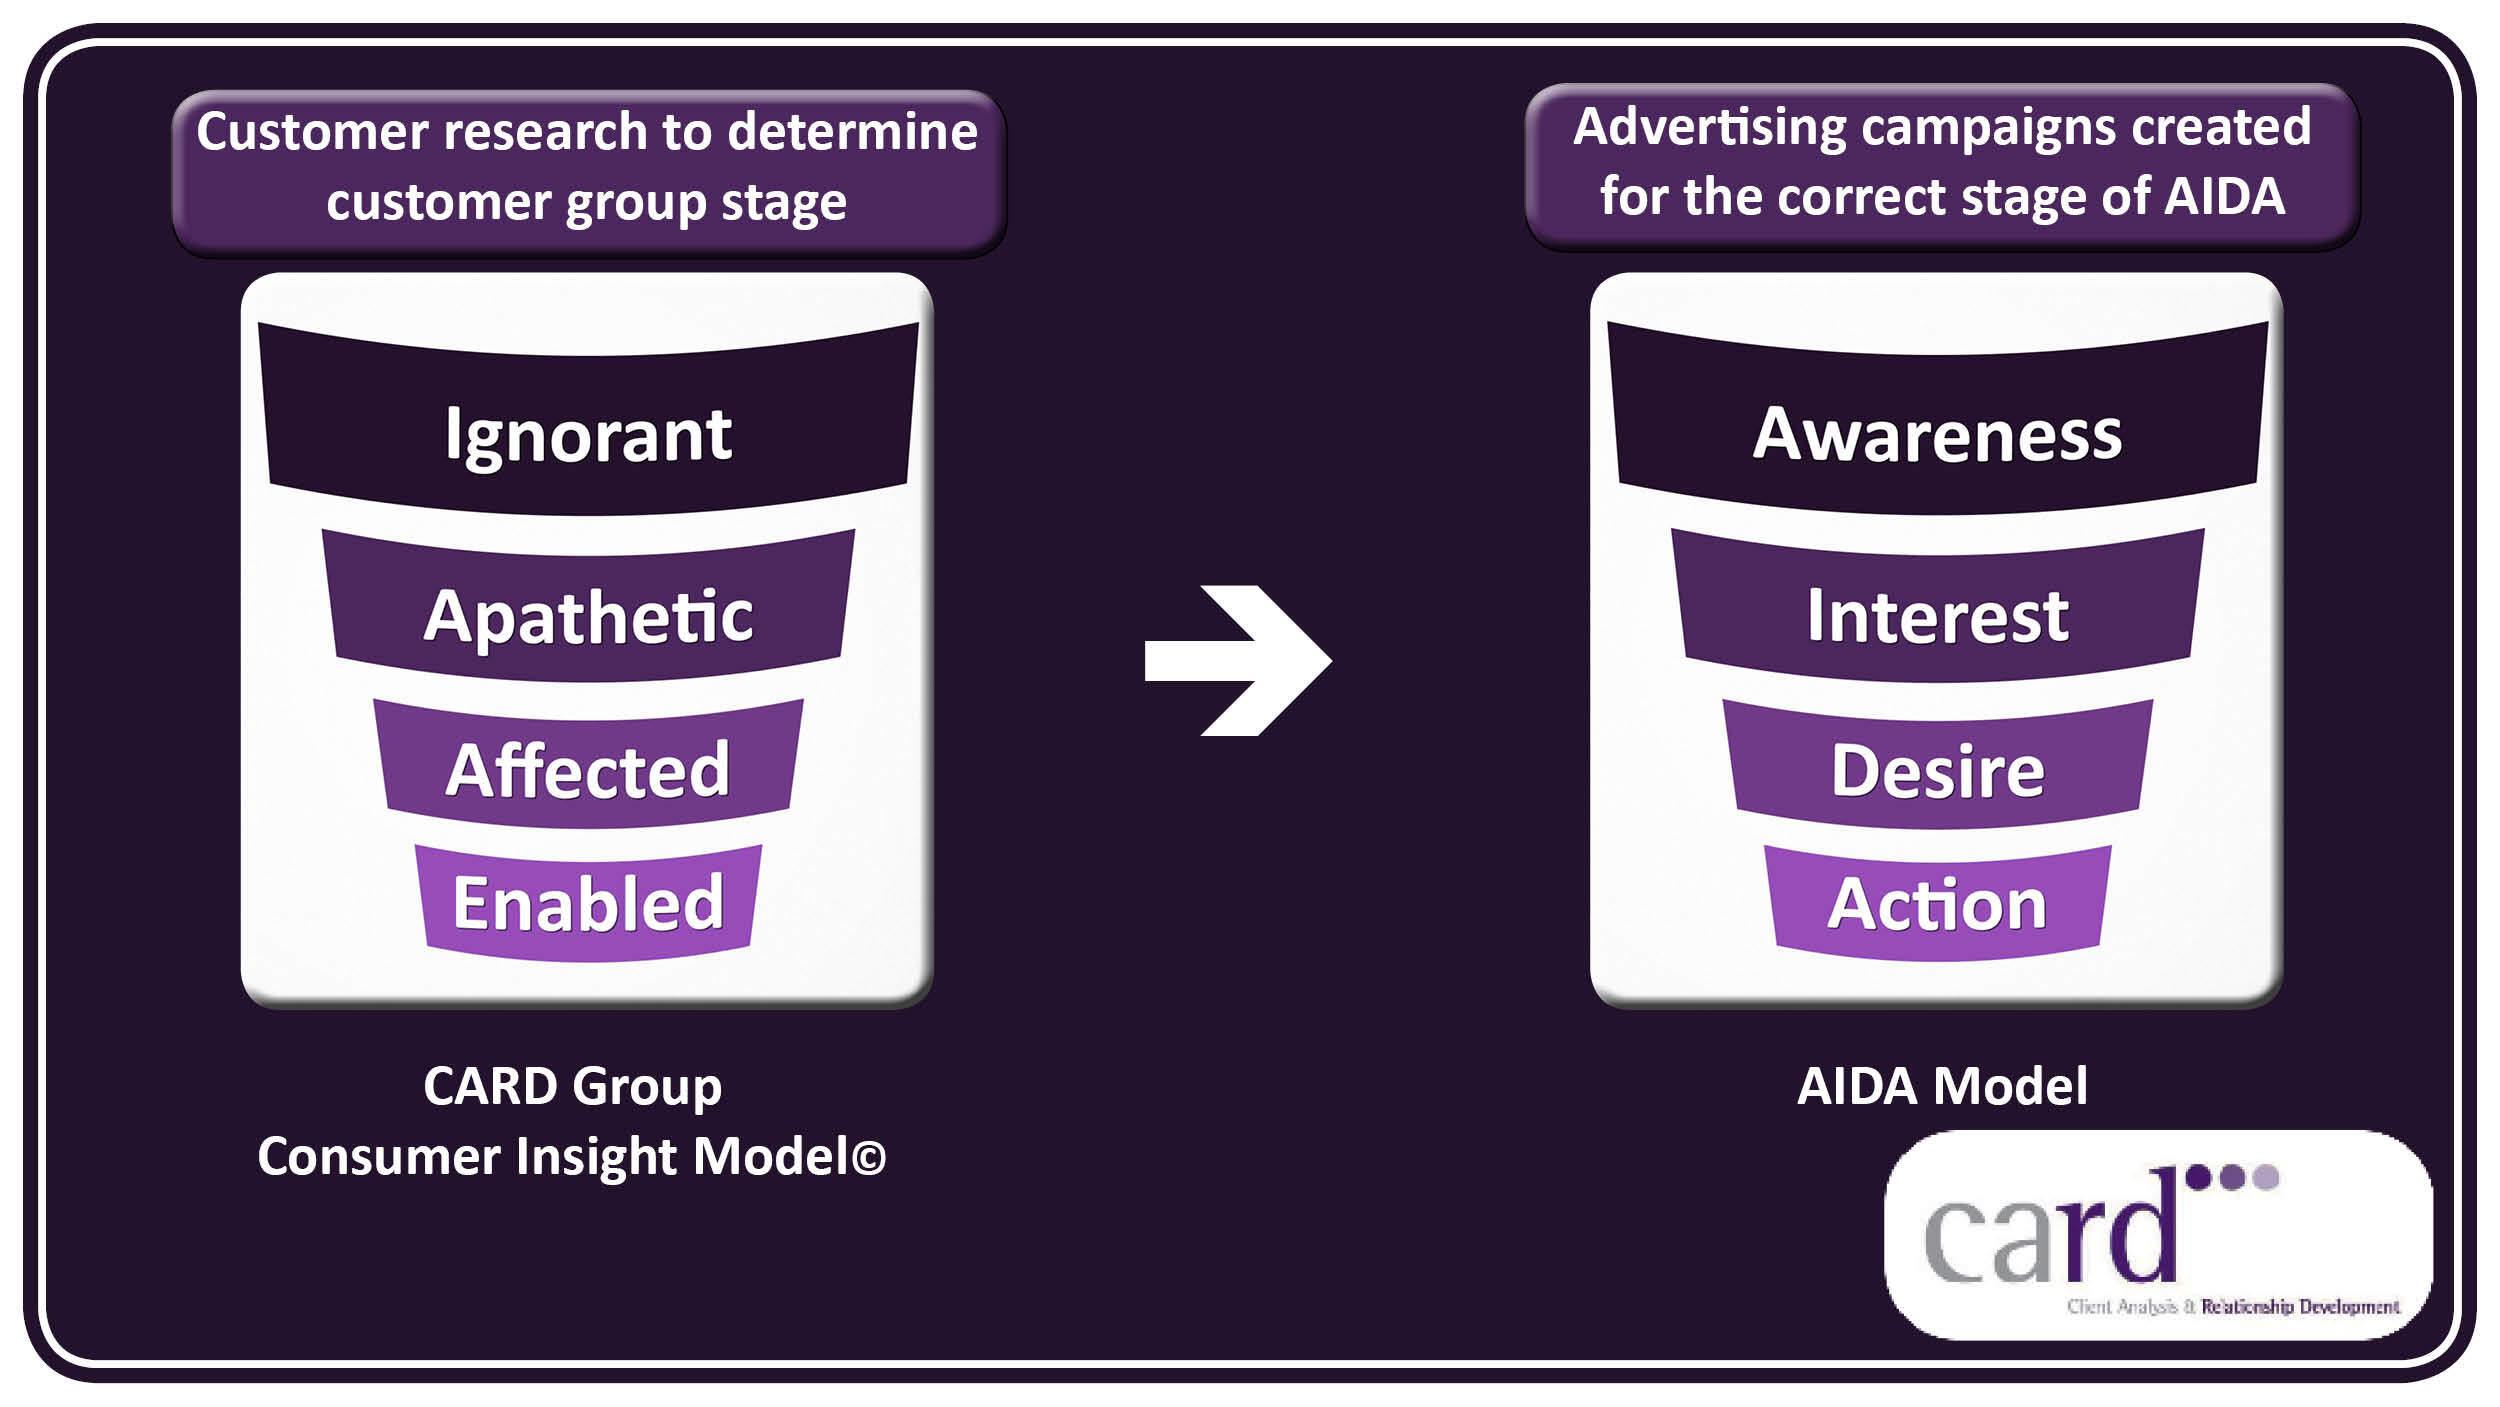 Customer Insight Model v. AIDA model